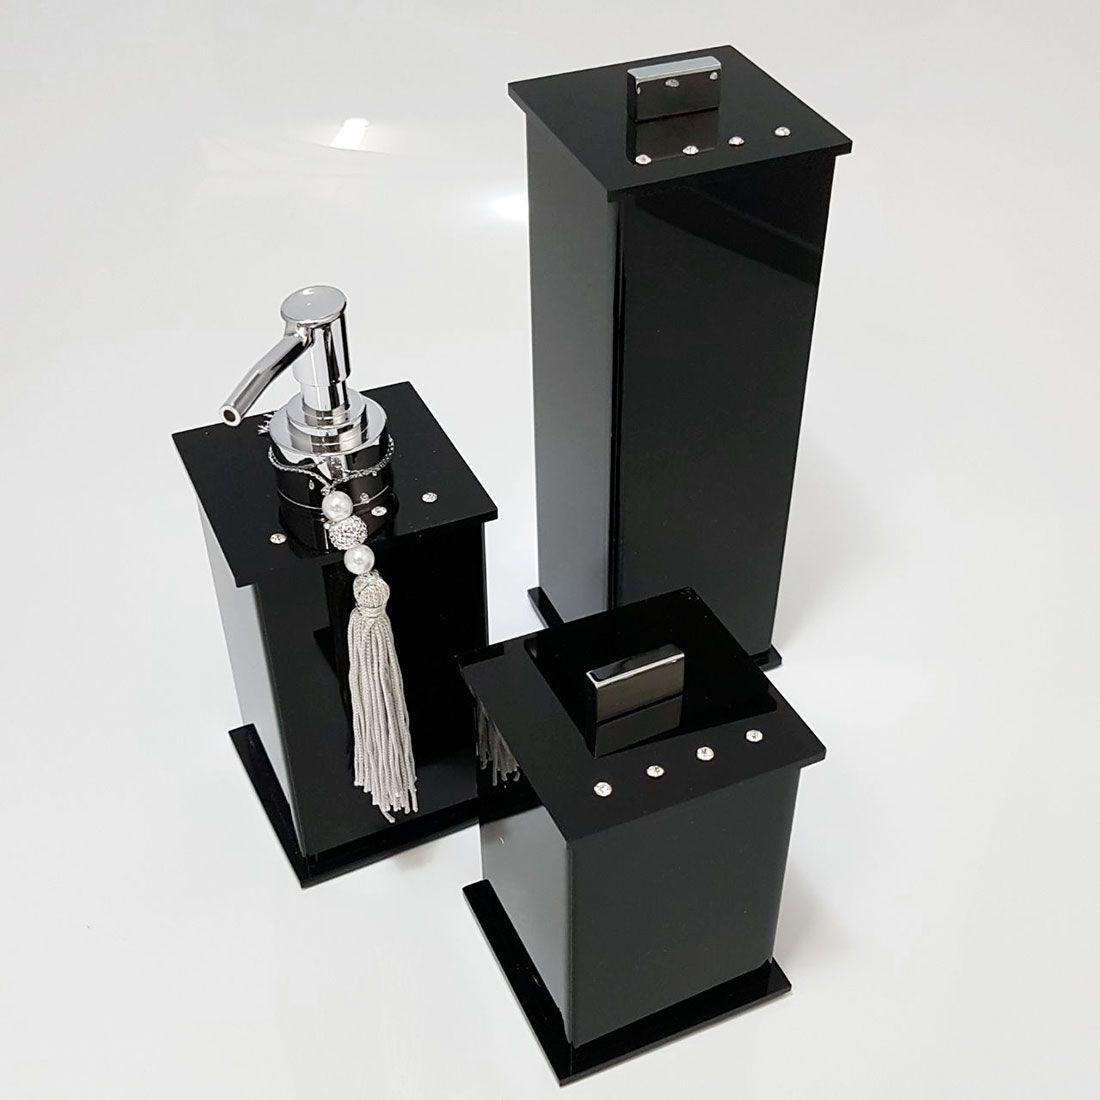 Porta Escovas Elegance Cristal para Bancadas de Banheiros e Lavabos